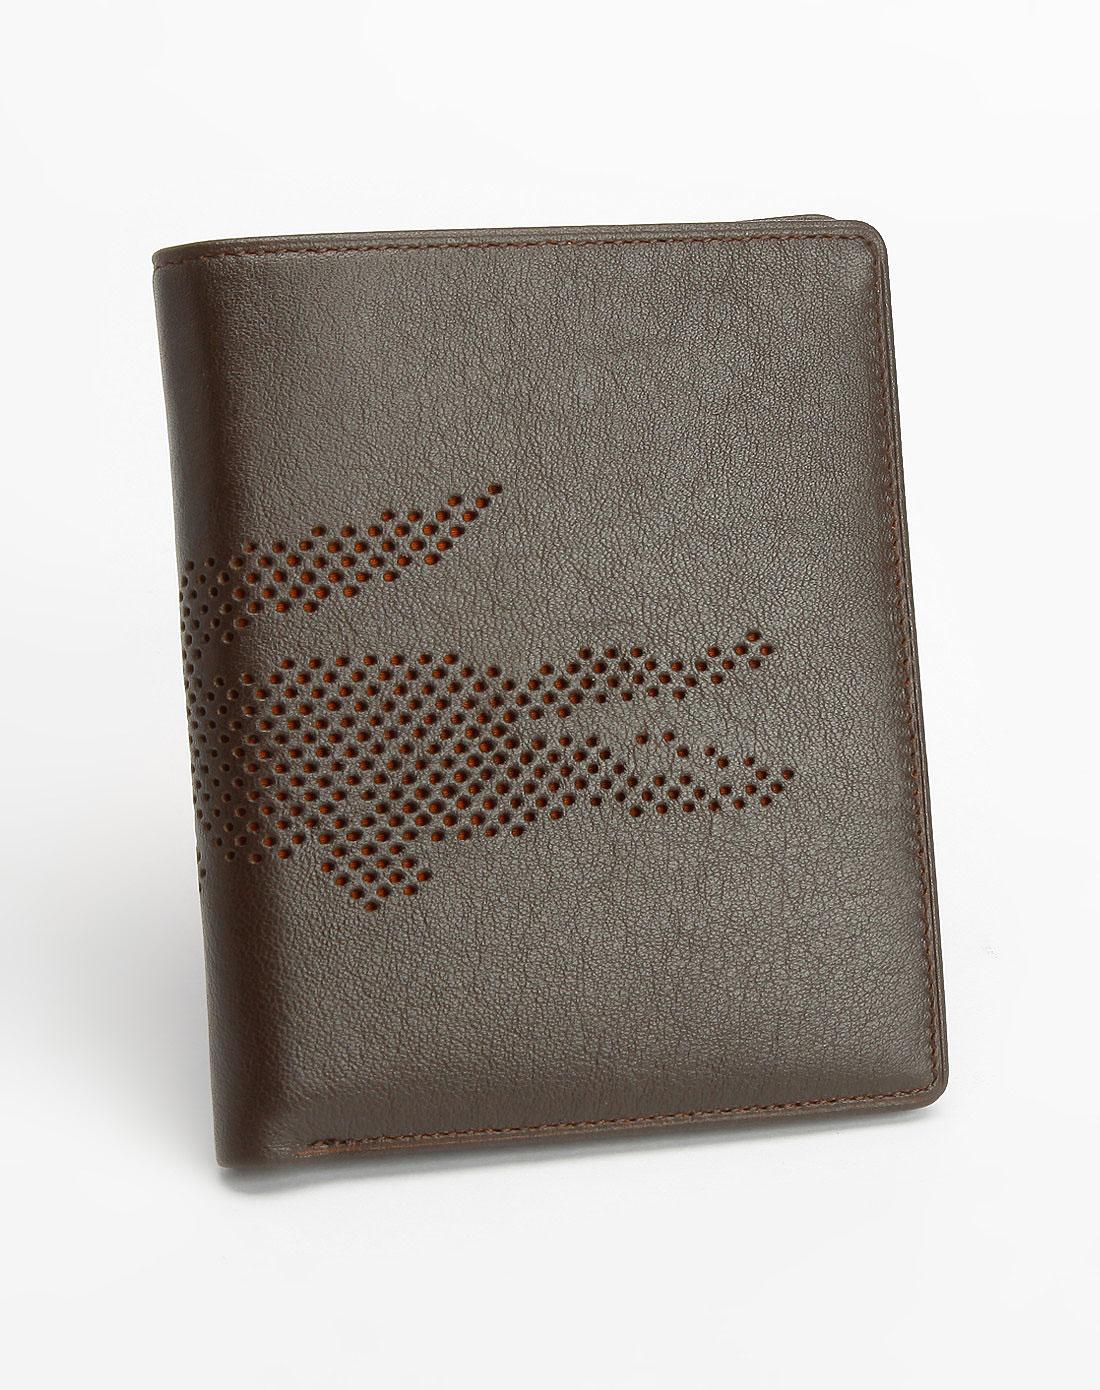 法国鳄鱼包包lacoste啡色时尚钱包